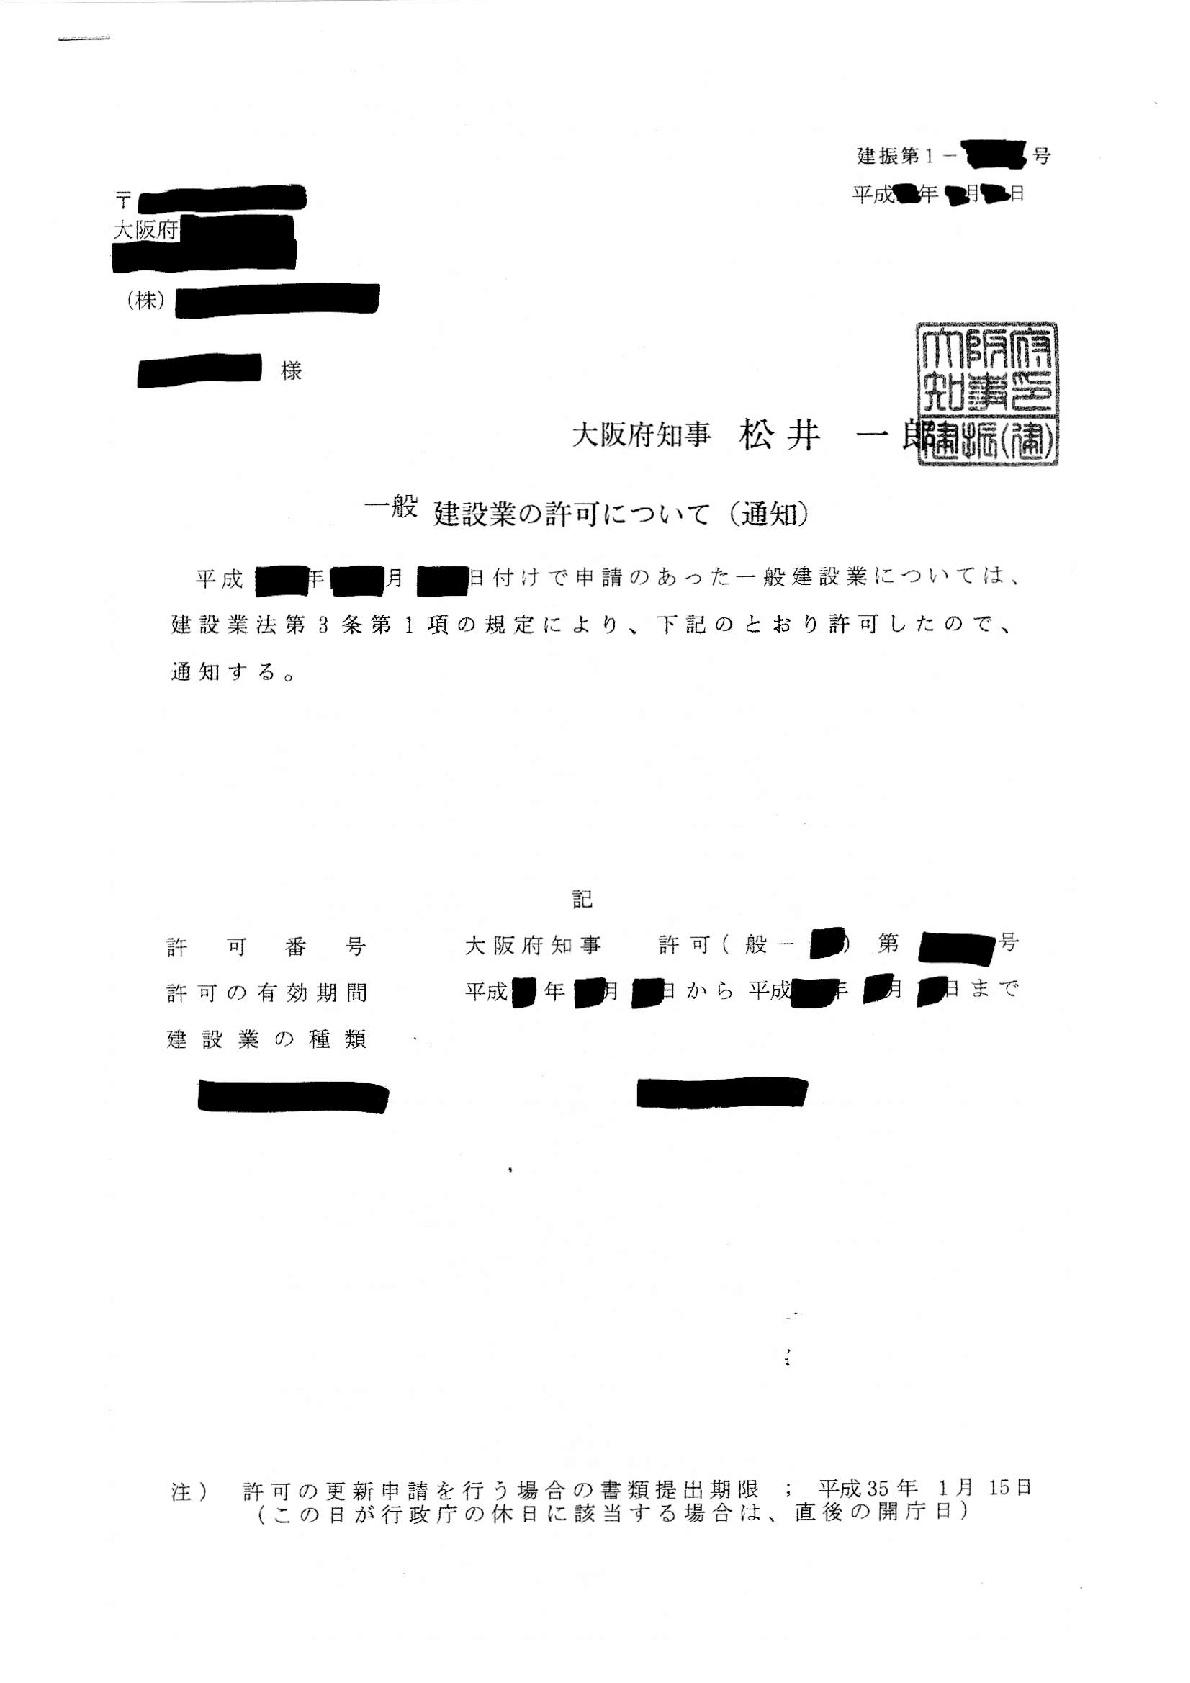 大阪府知事 建築一式工事業他1業種 株式会社様